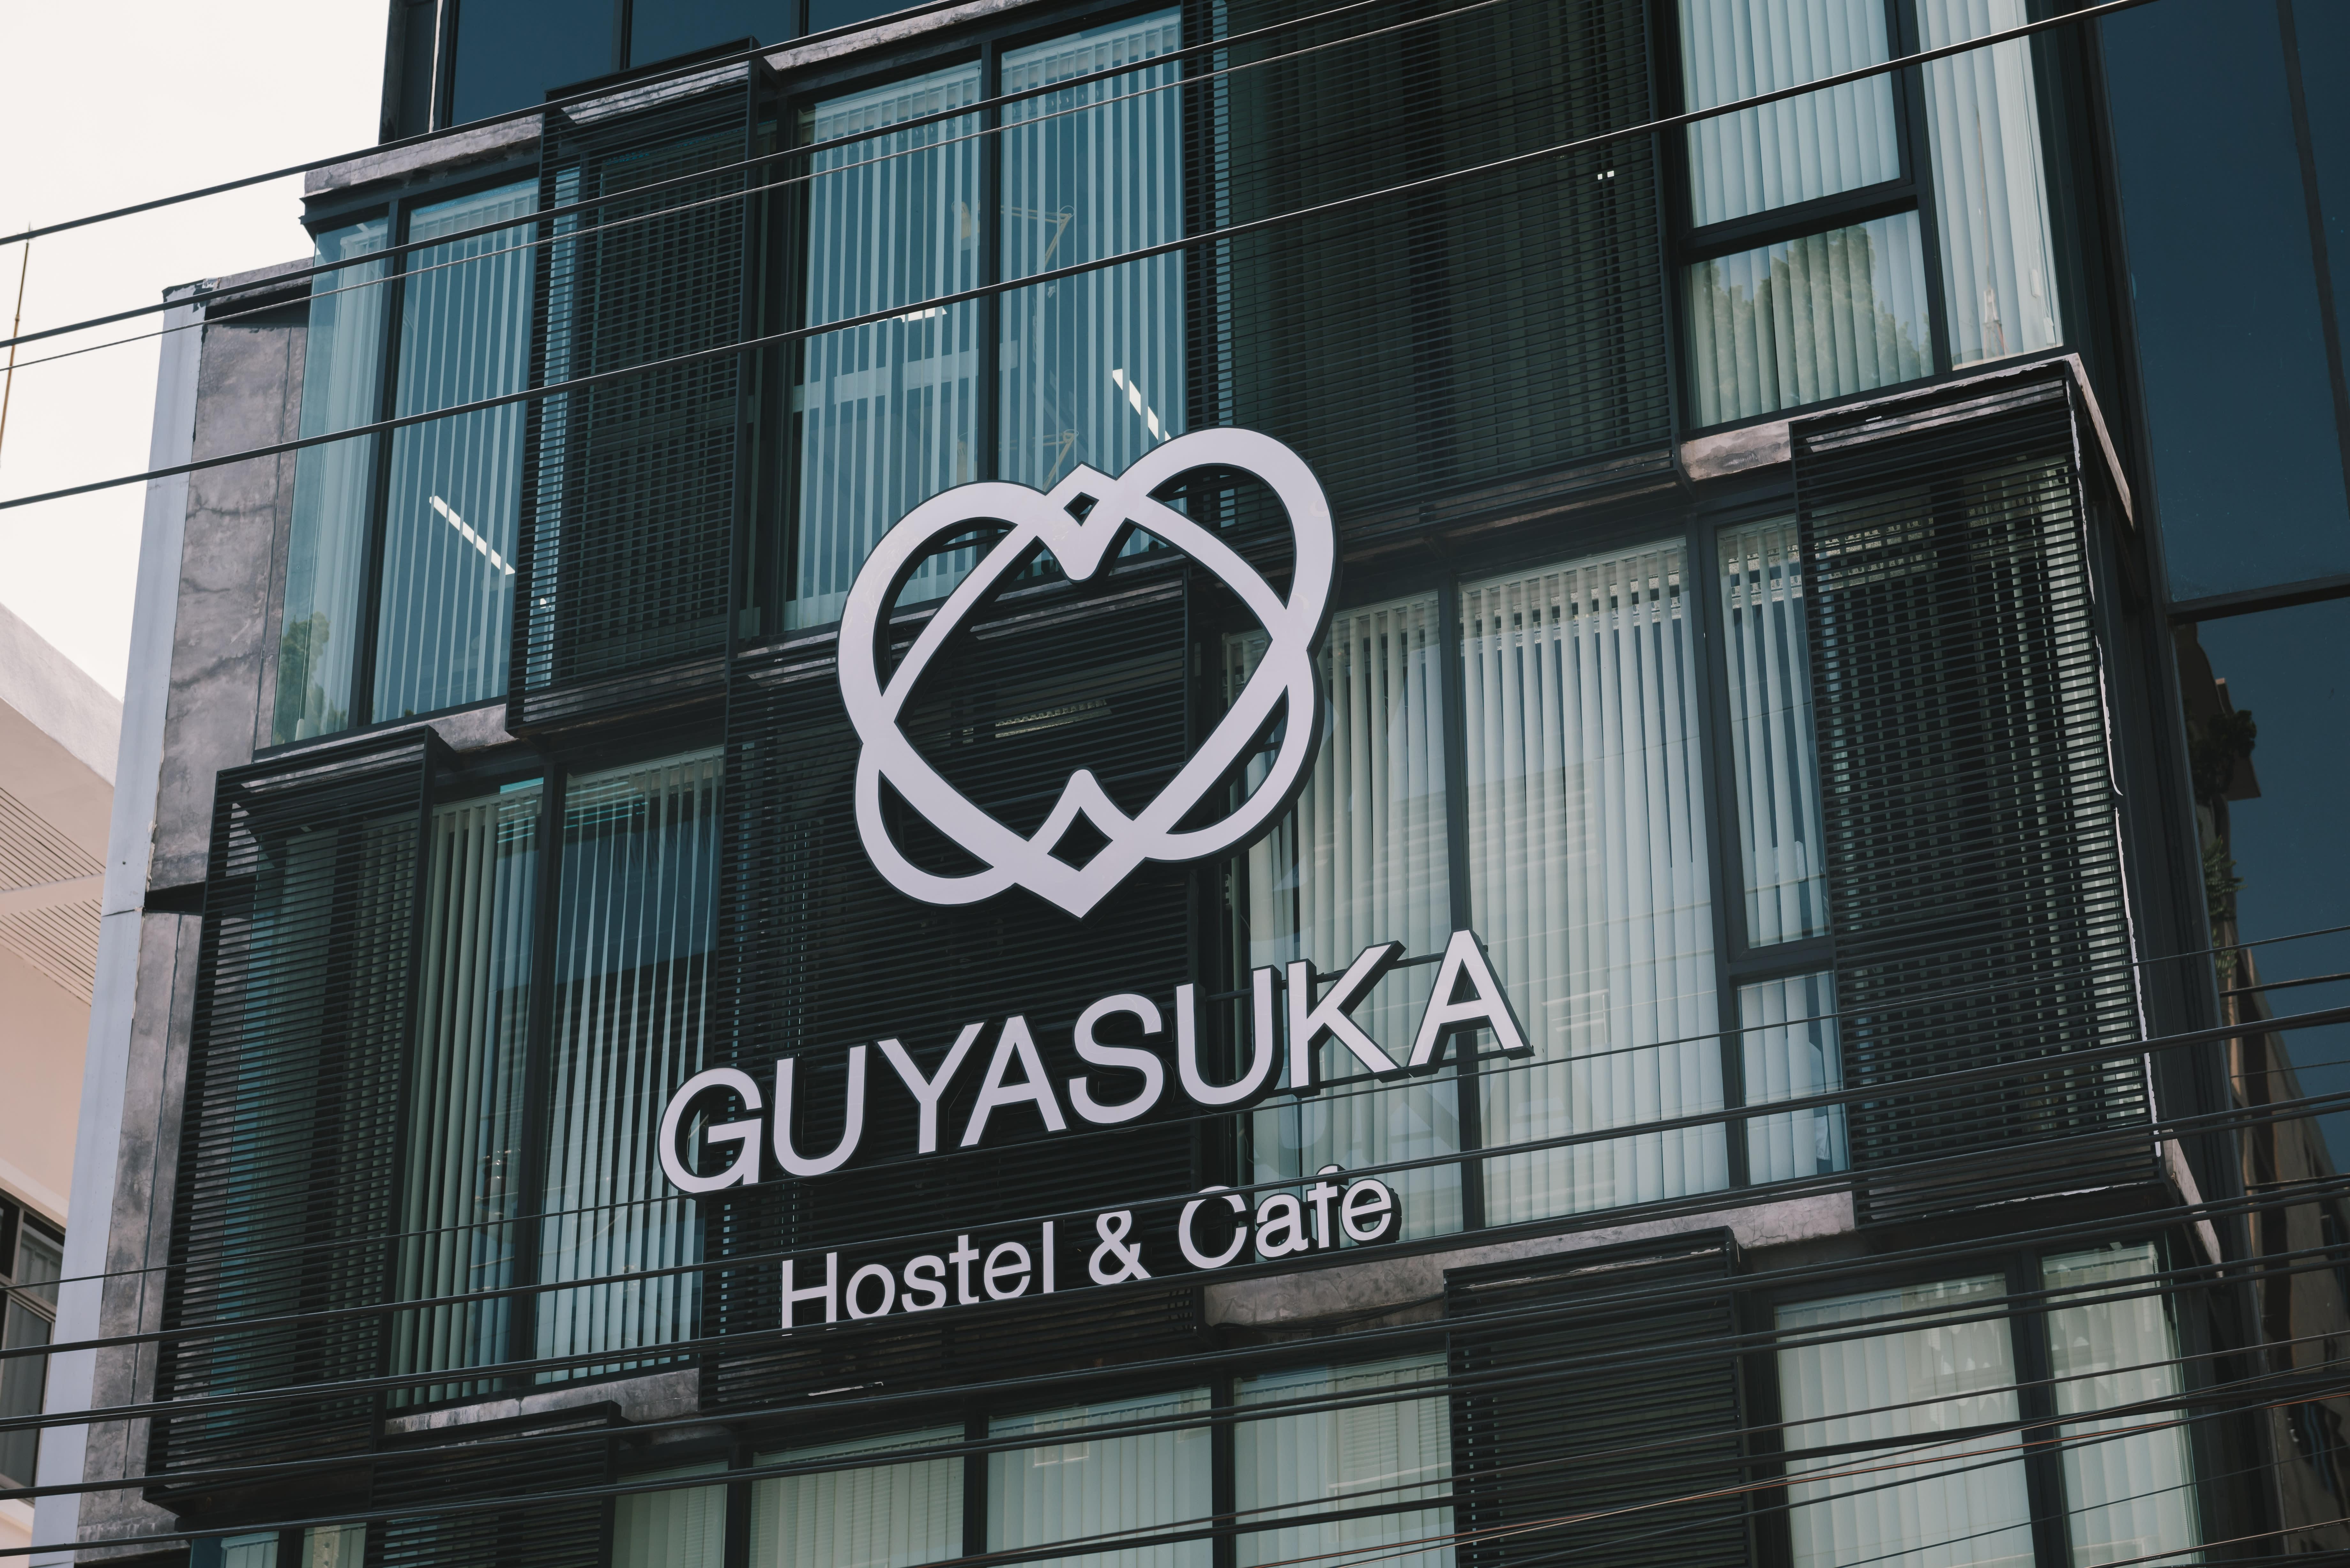 HOSTEL - Guyasuka Ratchada